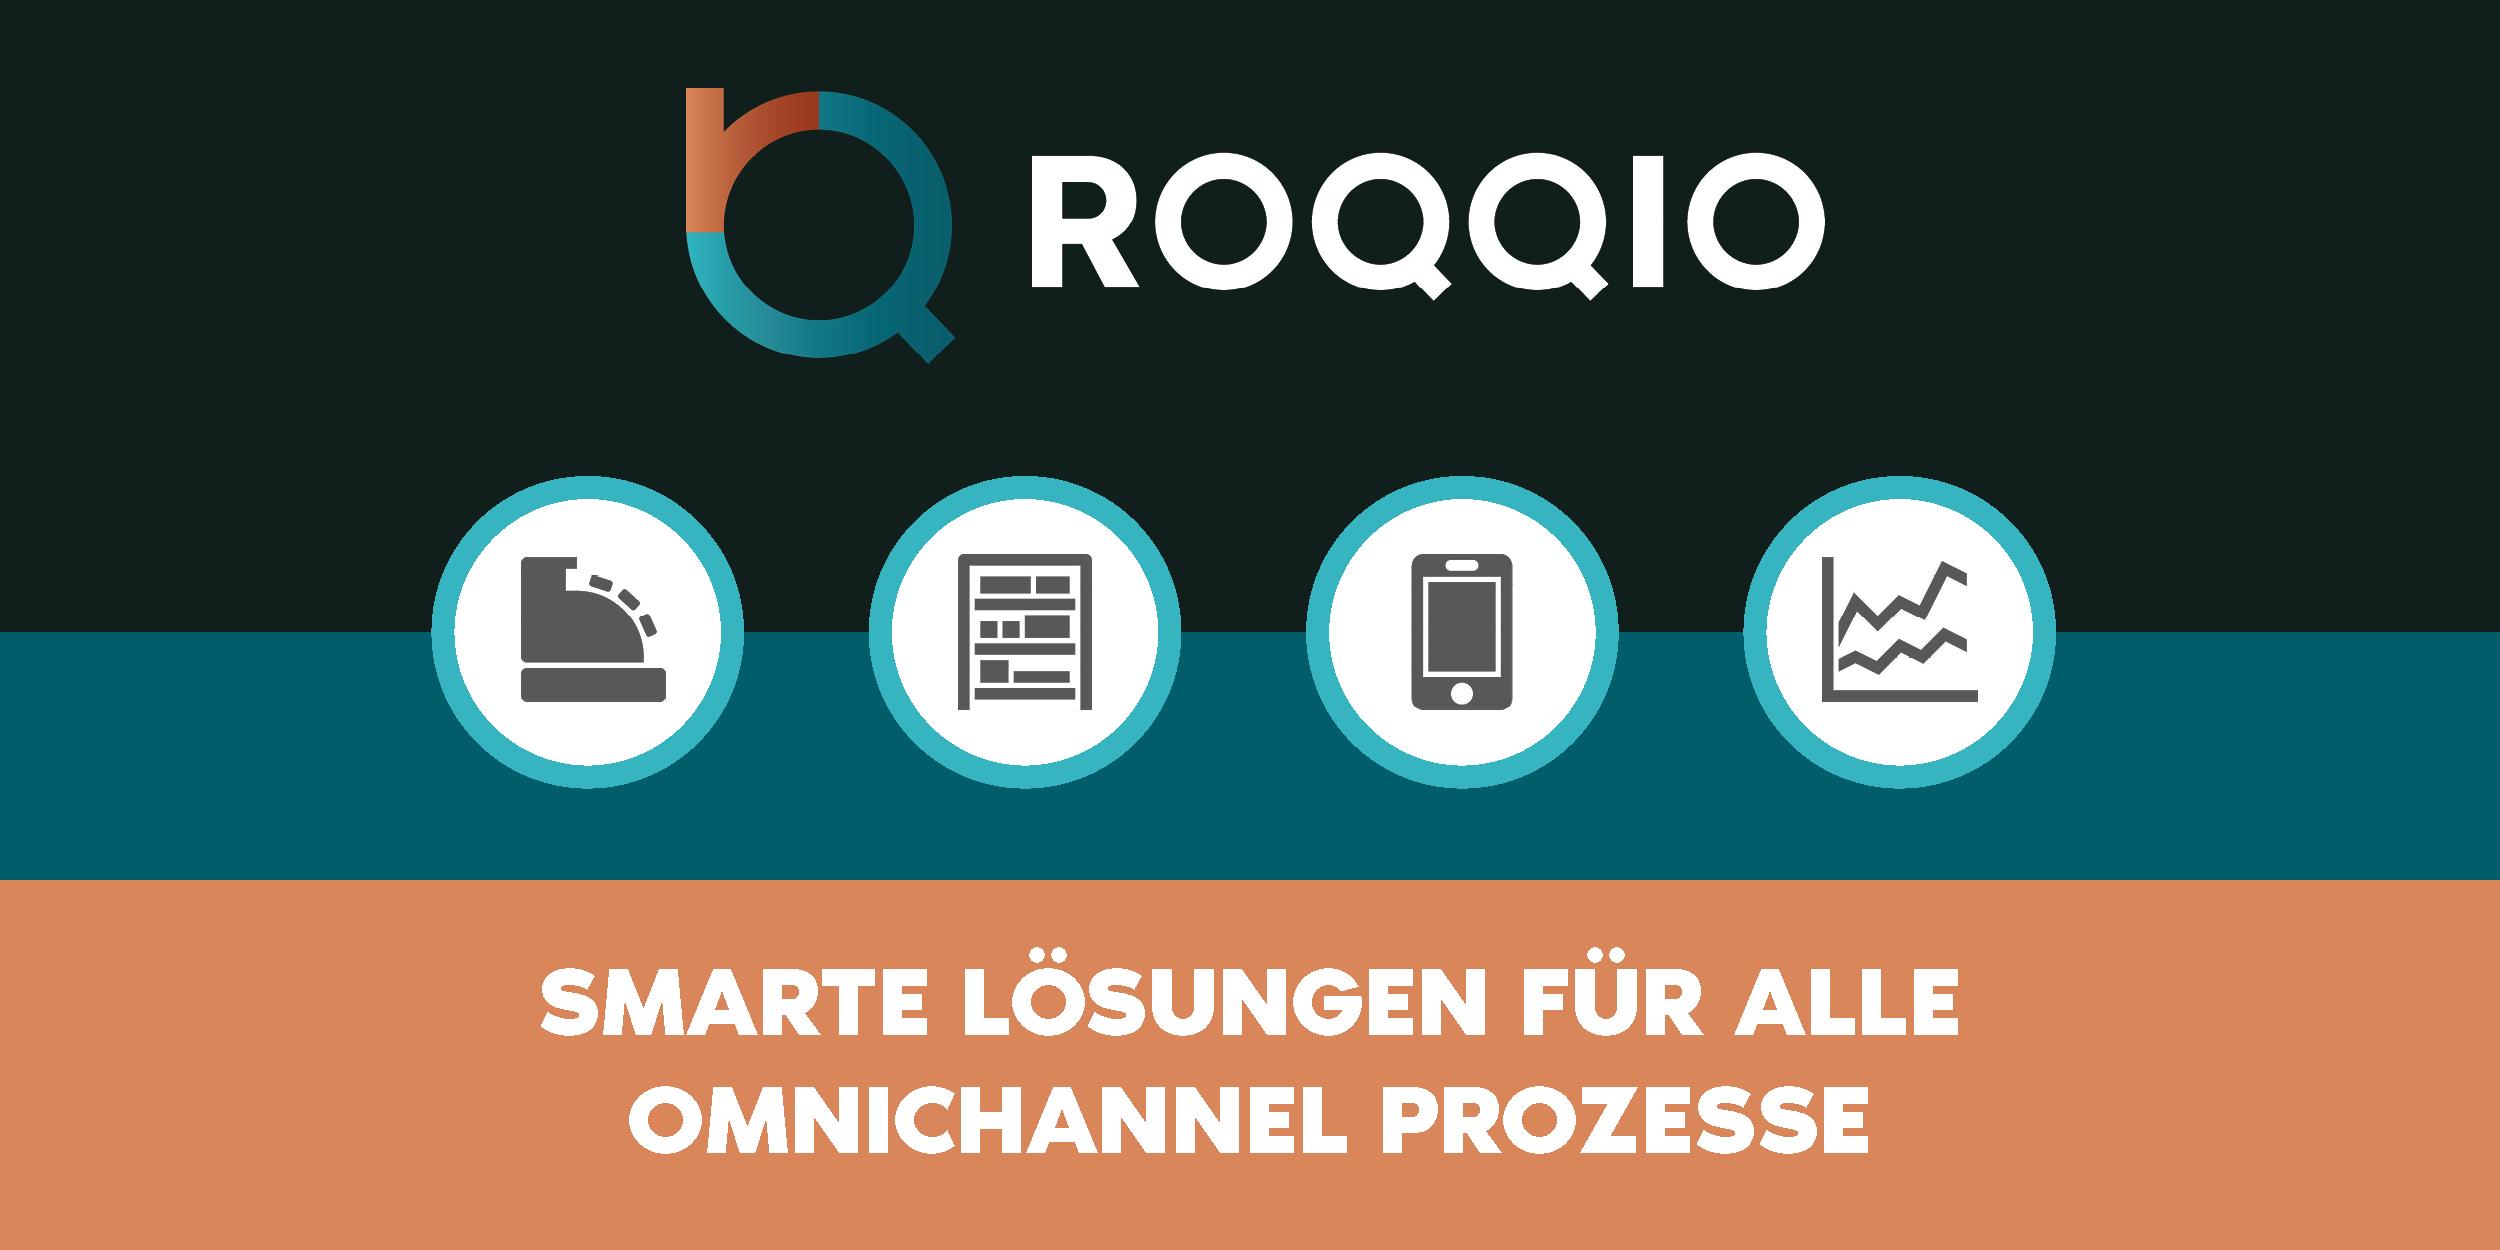 ROQQIO Flyer: Softwarelösungen im Überblick